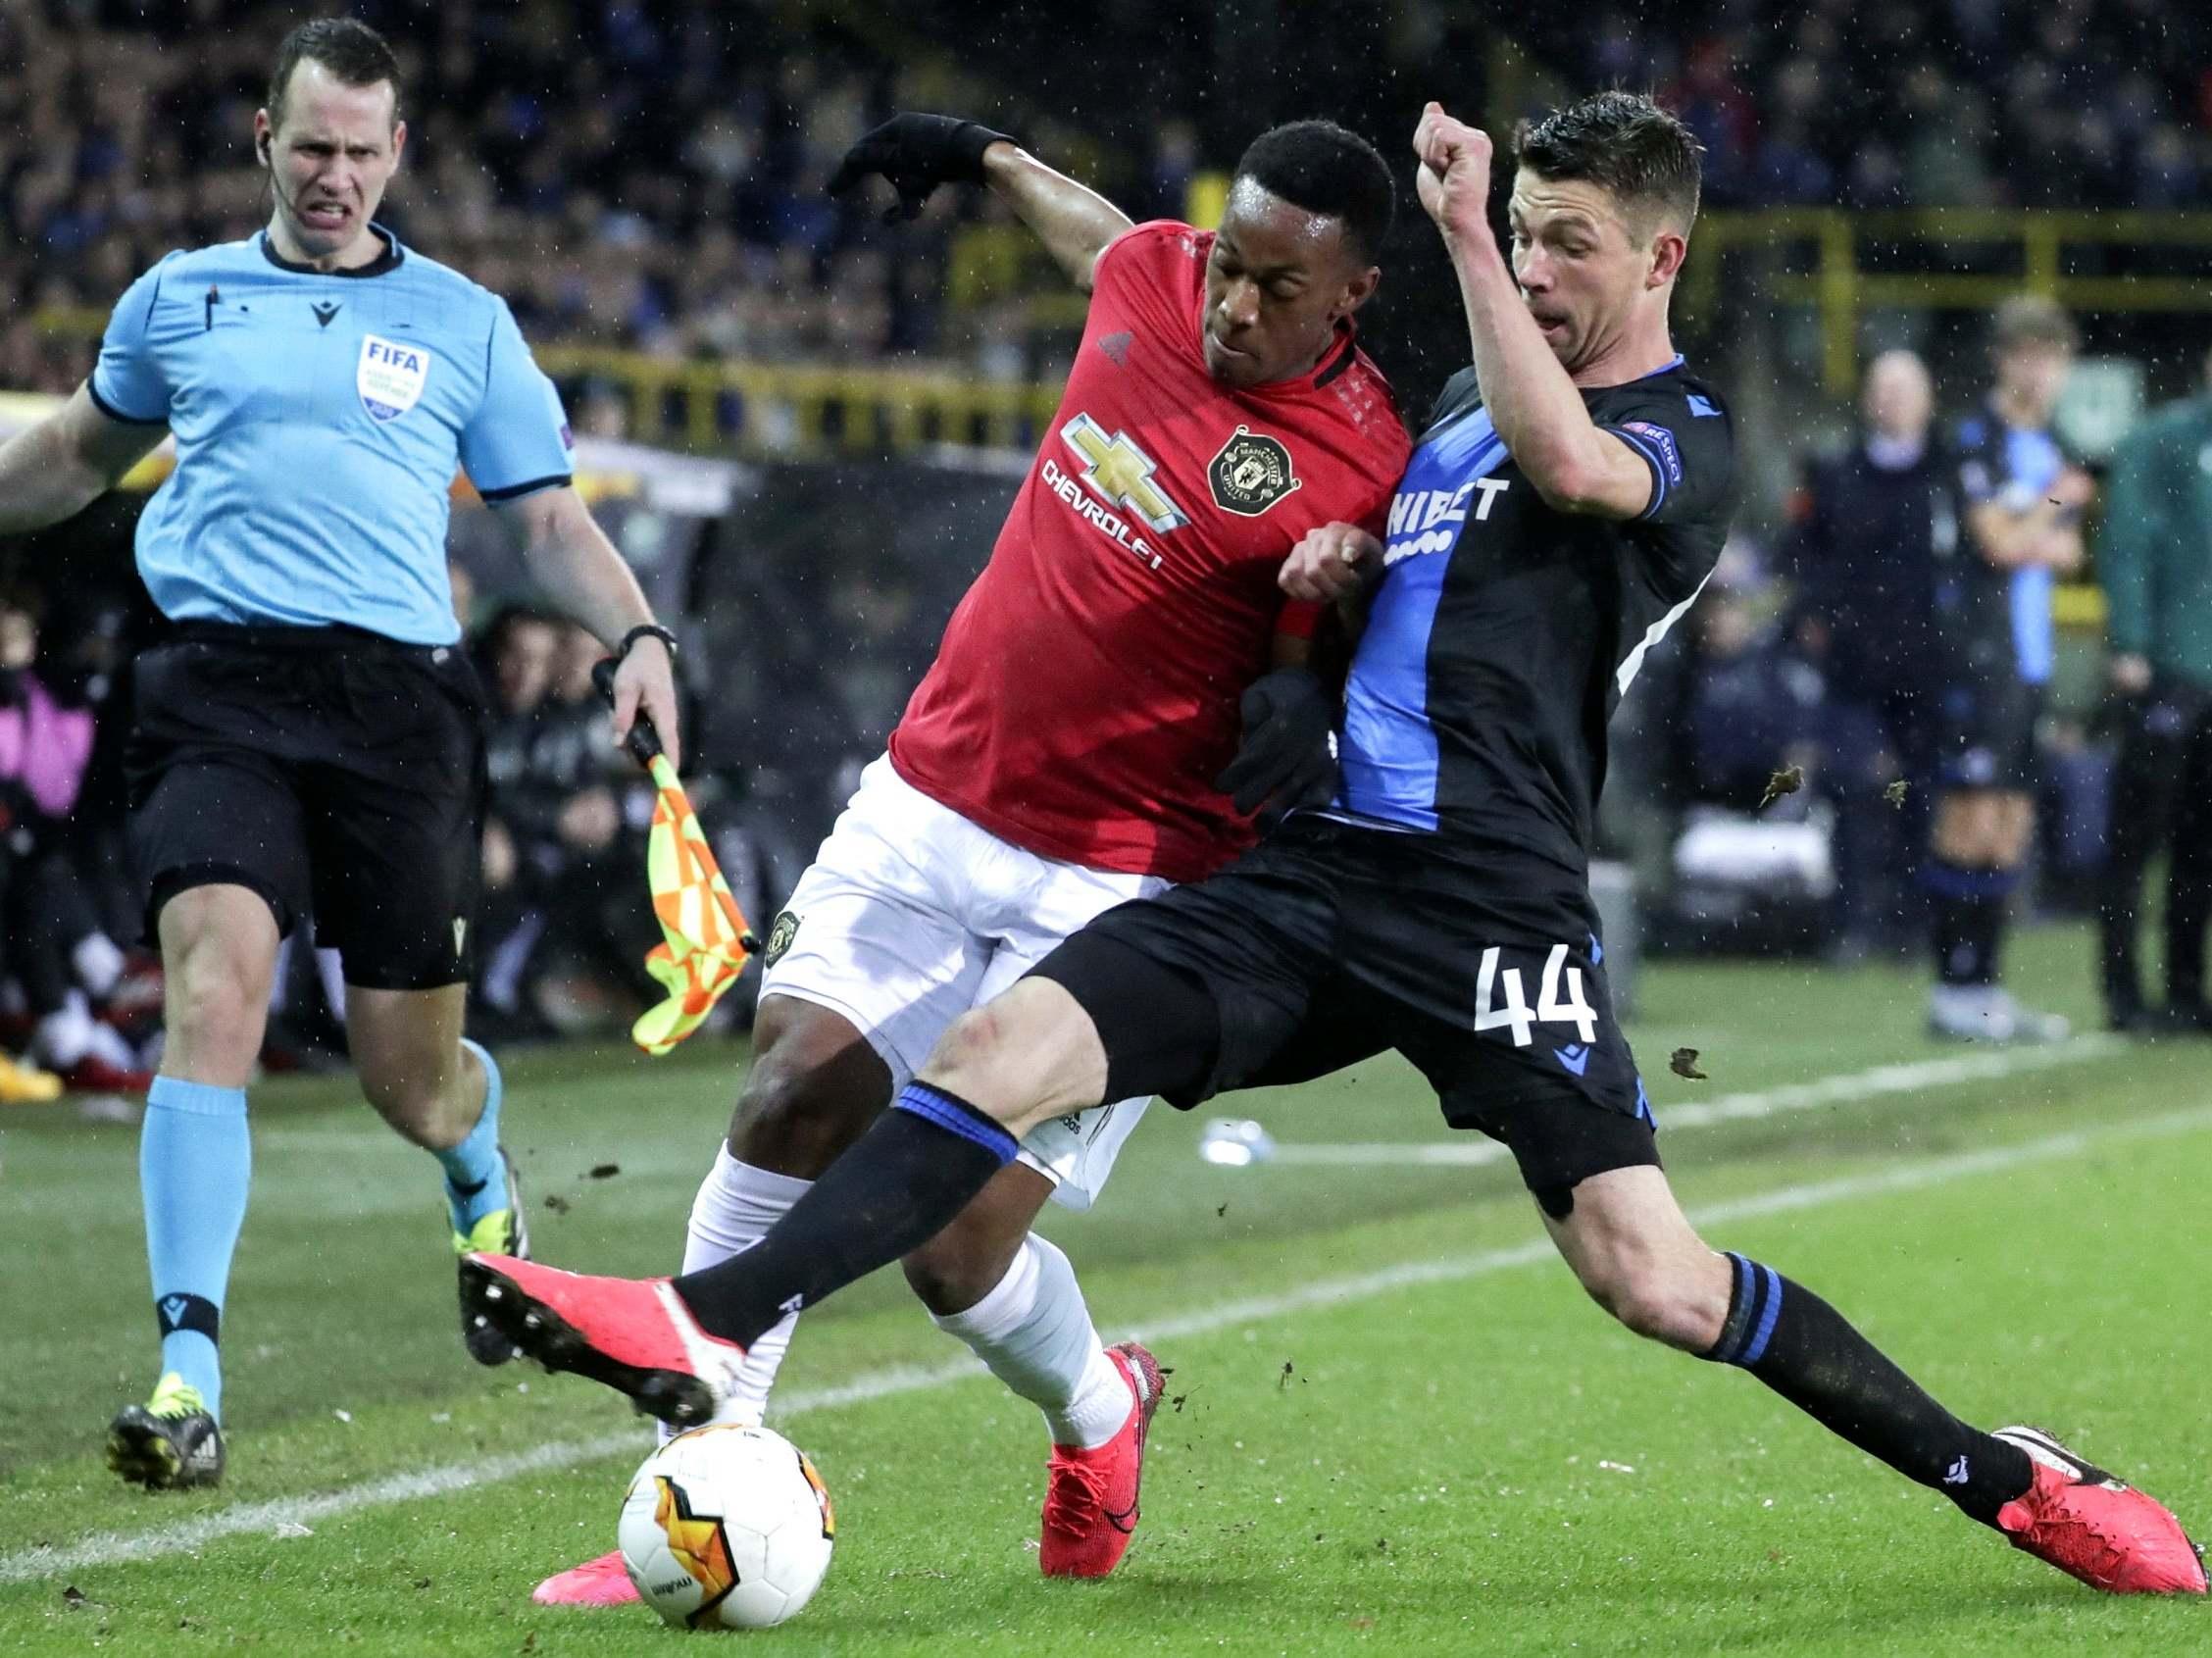 Man Utd star 'should have improved' at Old Trafford as Solskjaer decision questioneda - Bóng Đá